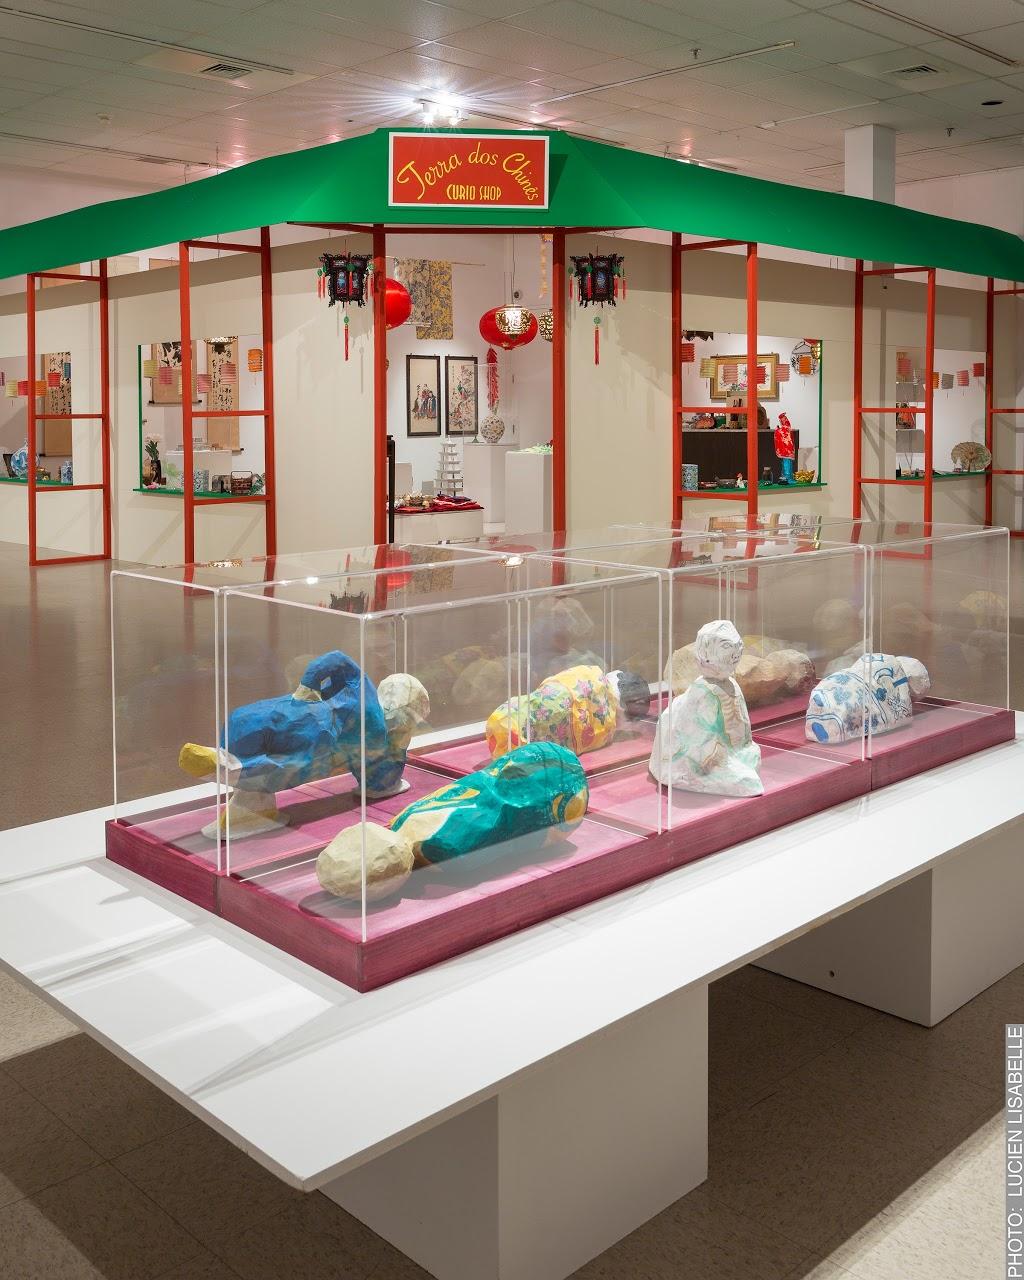 Musée dart contemporain des Laurentides | museum | 101 Place du Curé-Labelle, Saint-Jérôme, QC J7Z 1X6, Canada | 4504327171 OR +1 450-432-7171